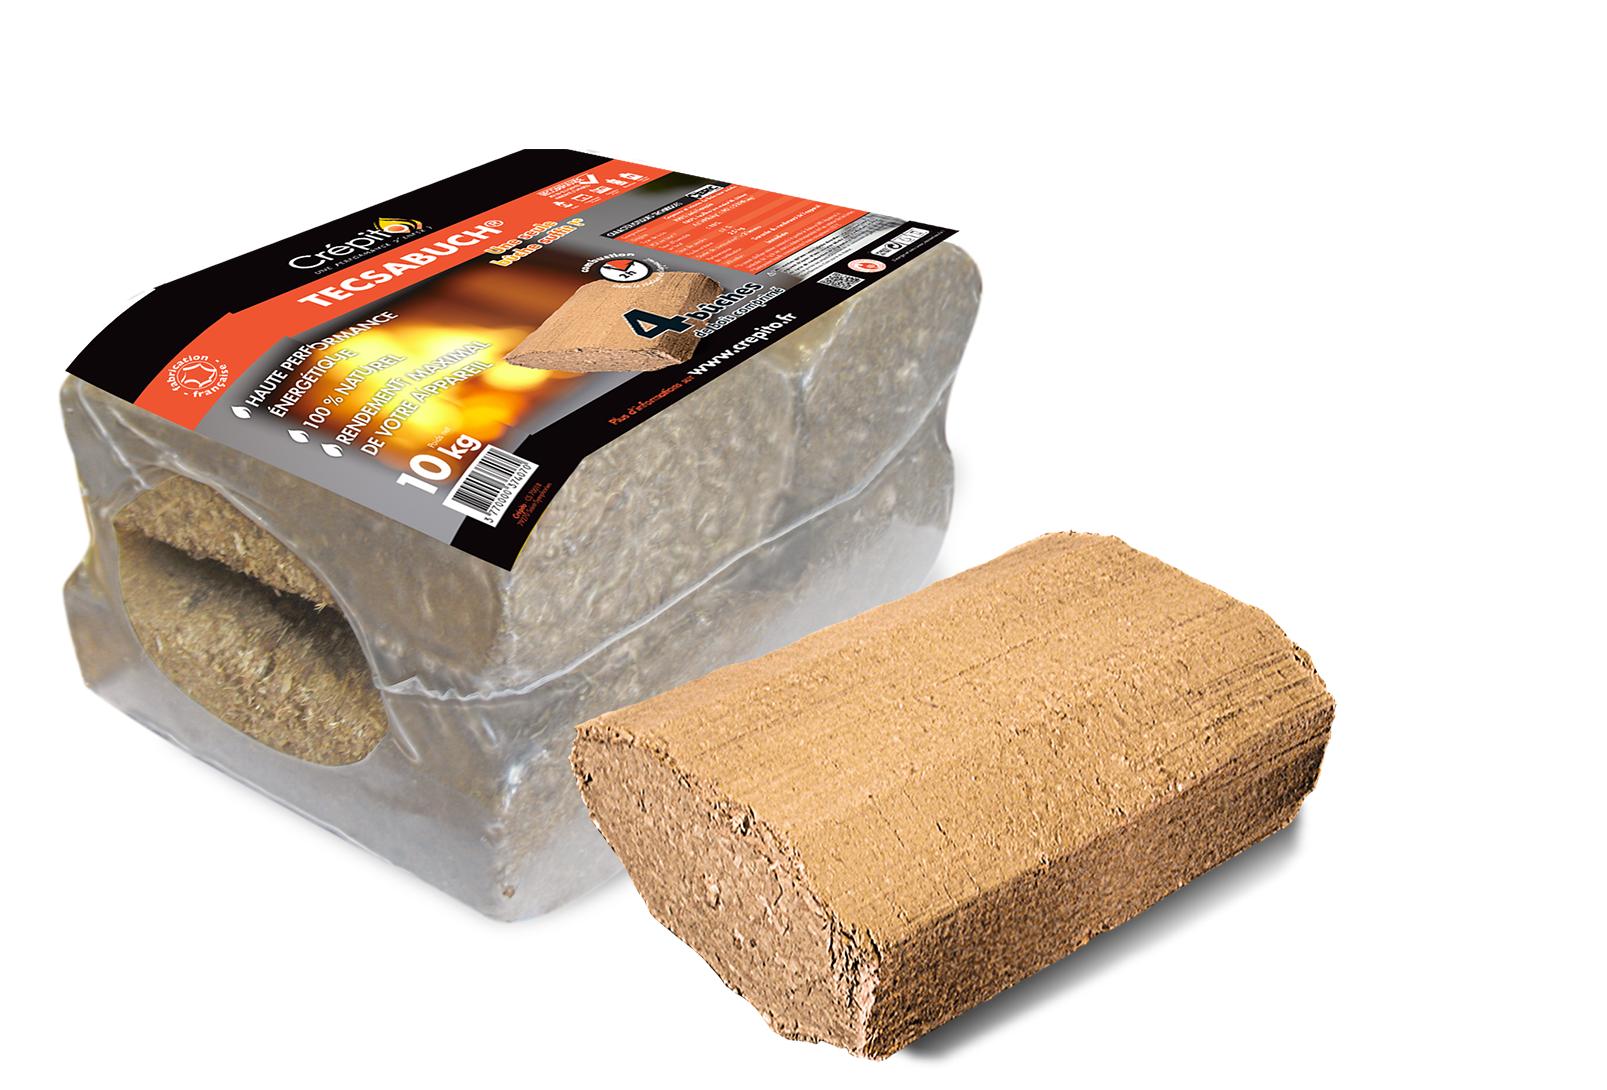 B u00fbche densifiée rectangulaire briquette de bois compressé Crépito # Buches De Bois Densifié